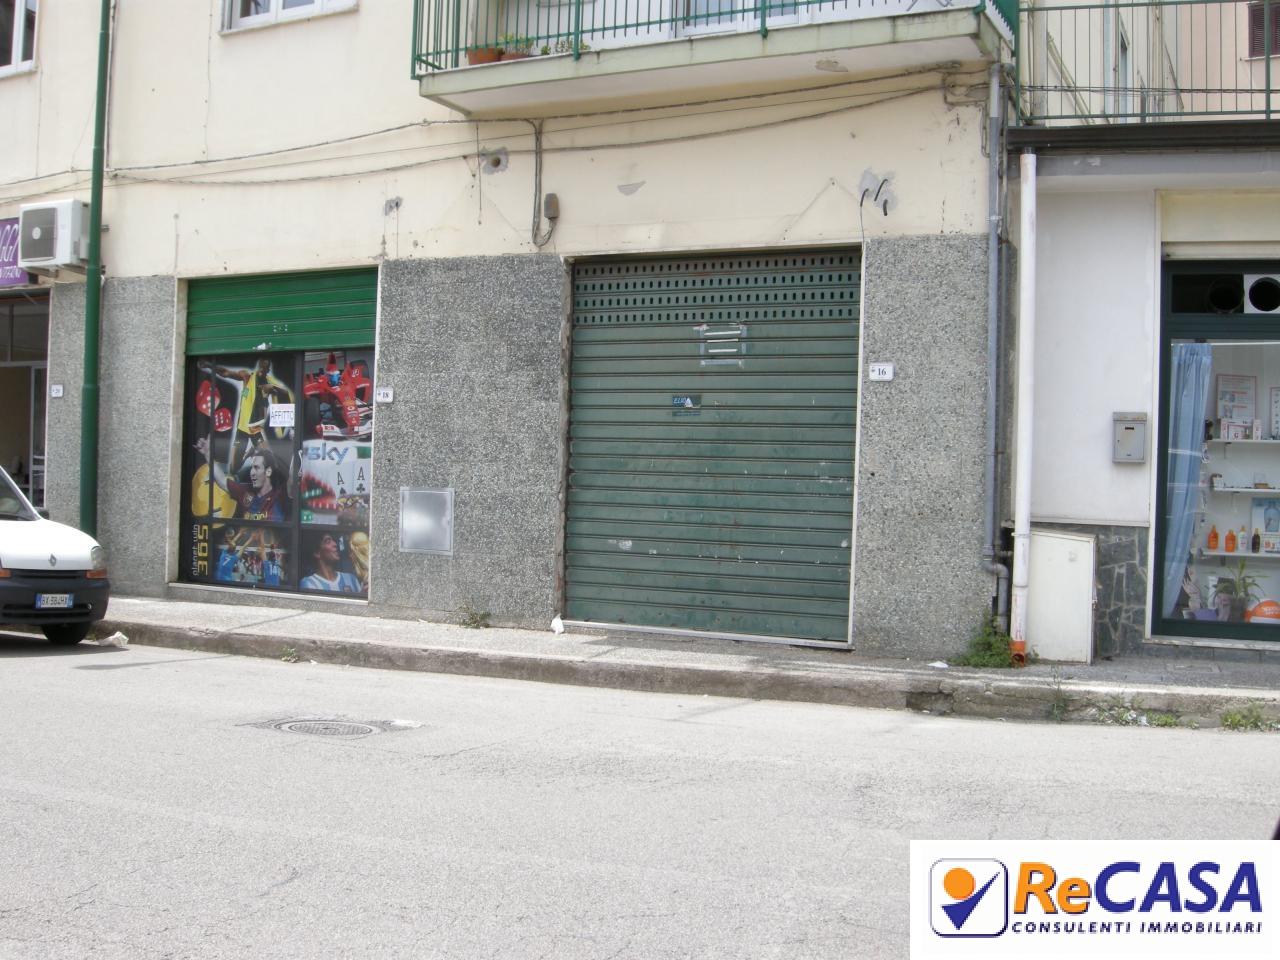 Negozio / Locale in affitto a Montecorvino Rovella, 9999 locali, zona Località: Centro, prezzo € 300 | CambioCasa.it